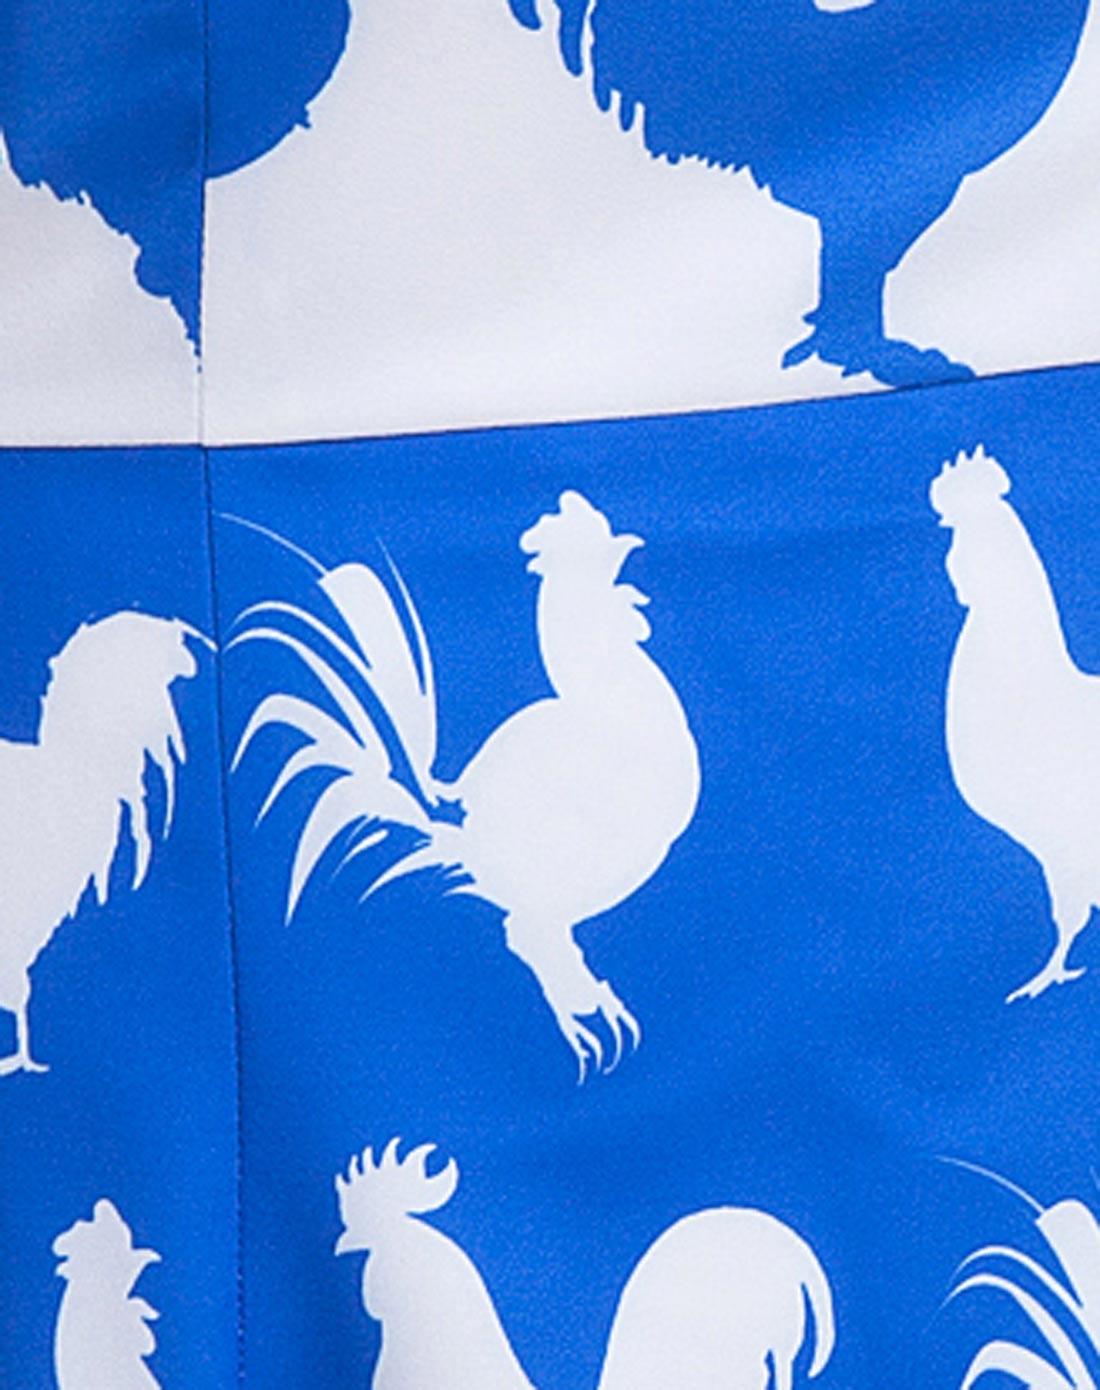 蓝色上下拼色动物图案显瘦款连衣裙